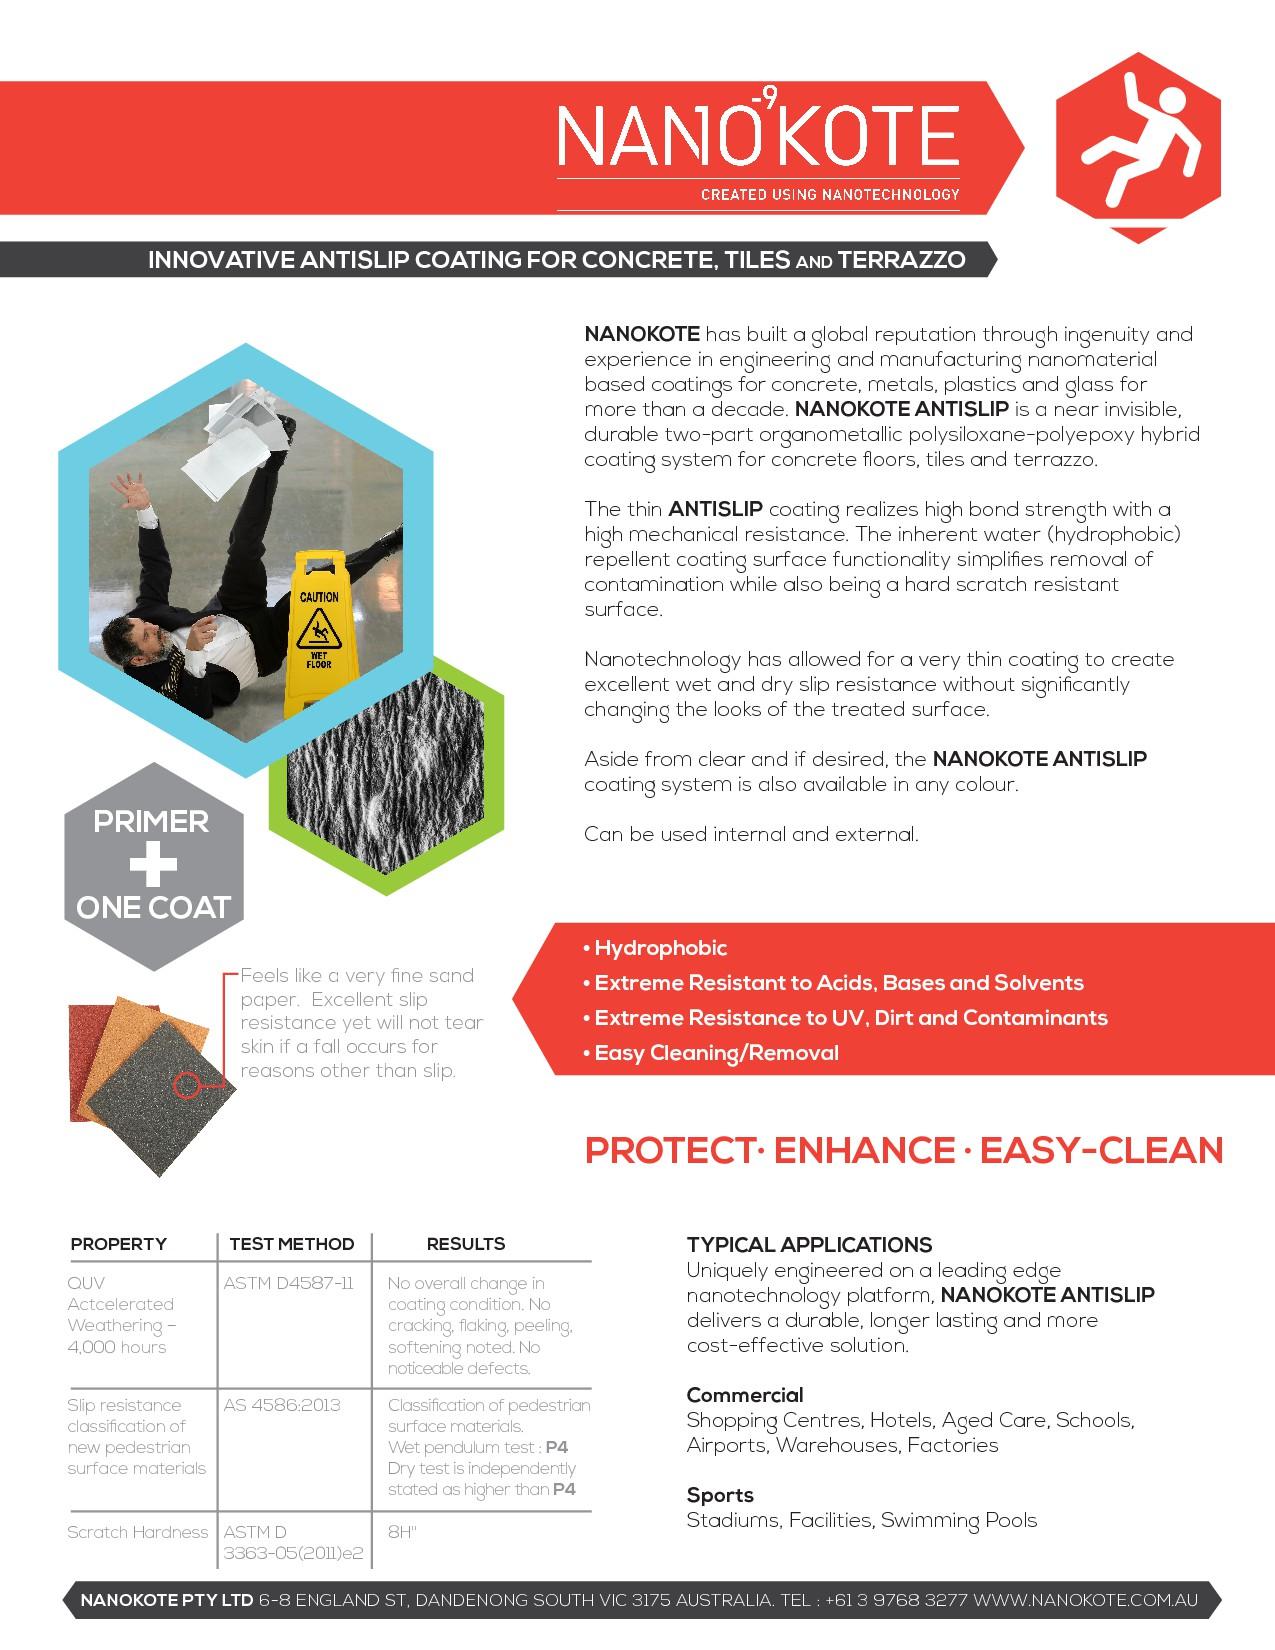 Design a new Nanotechnology Antislip Coating for Floors